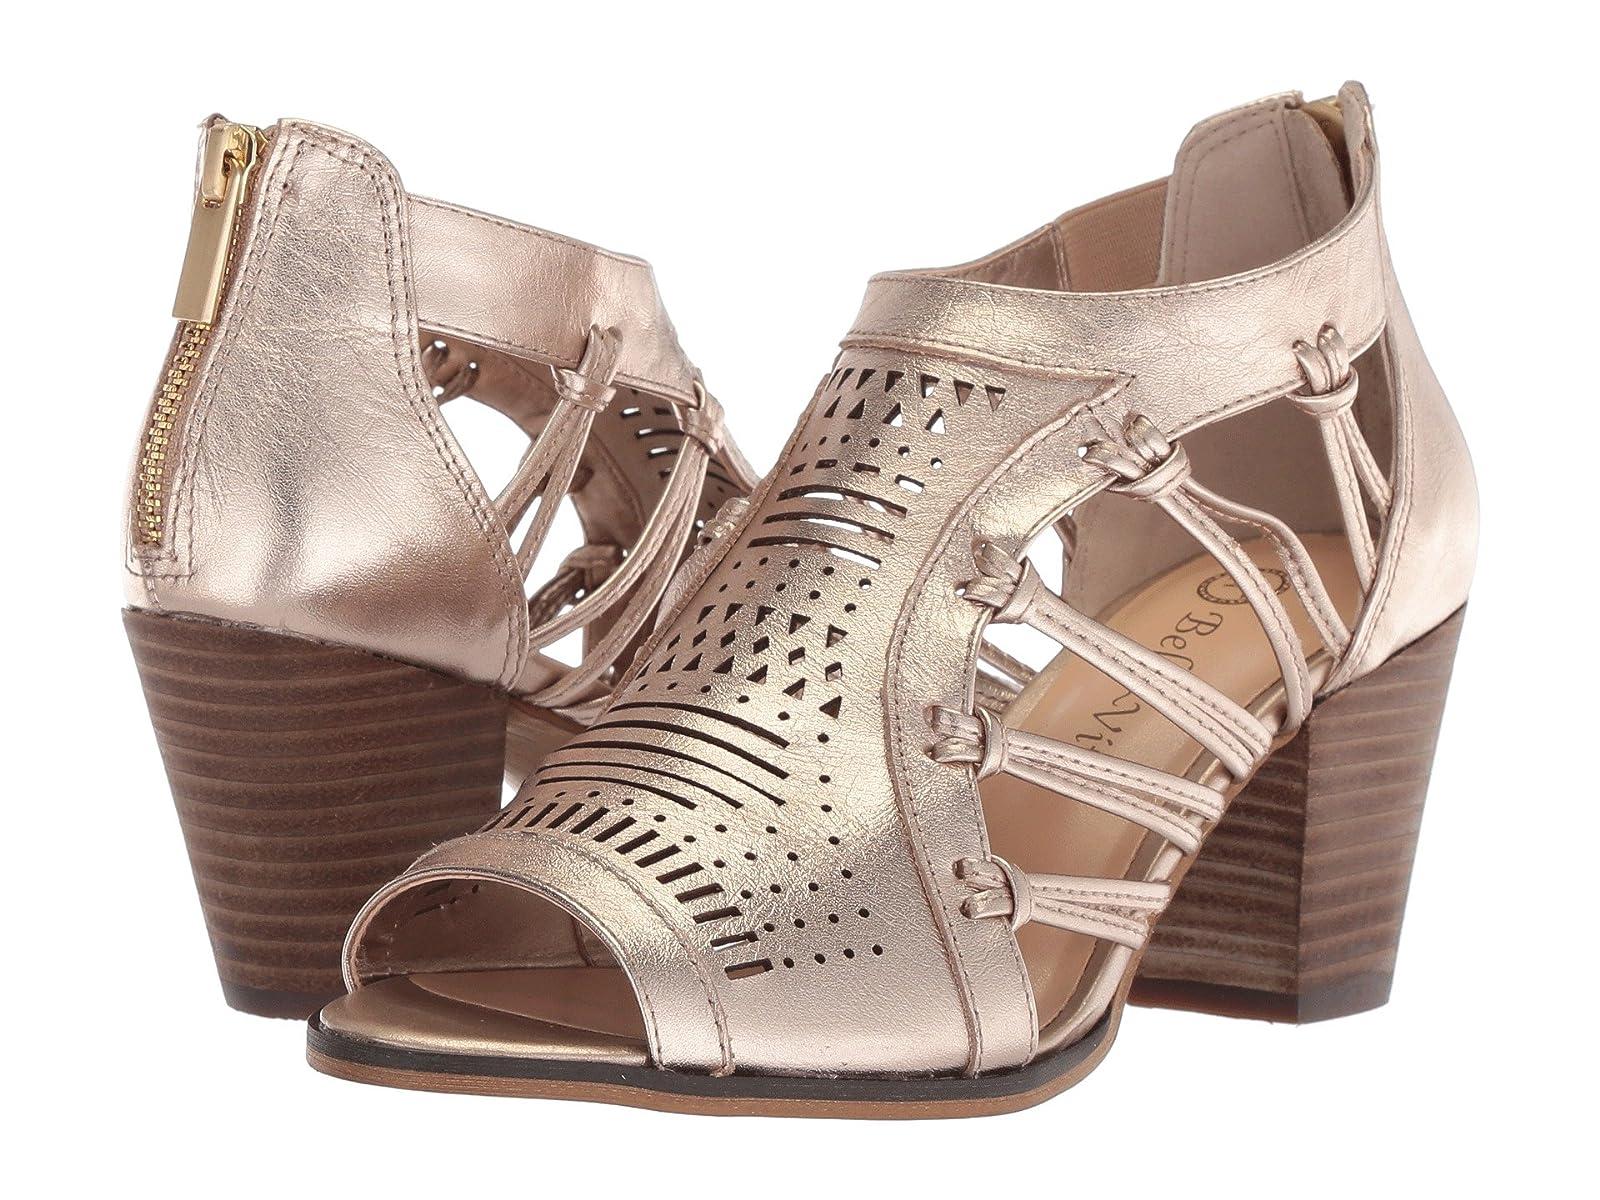 Bella-Vita KortezAtmospheric grades have affordable shoes